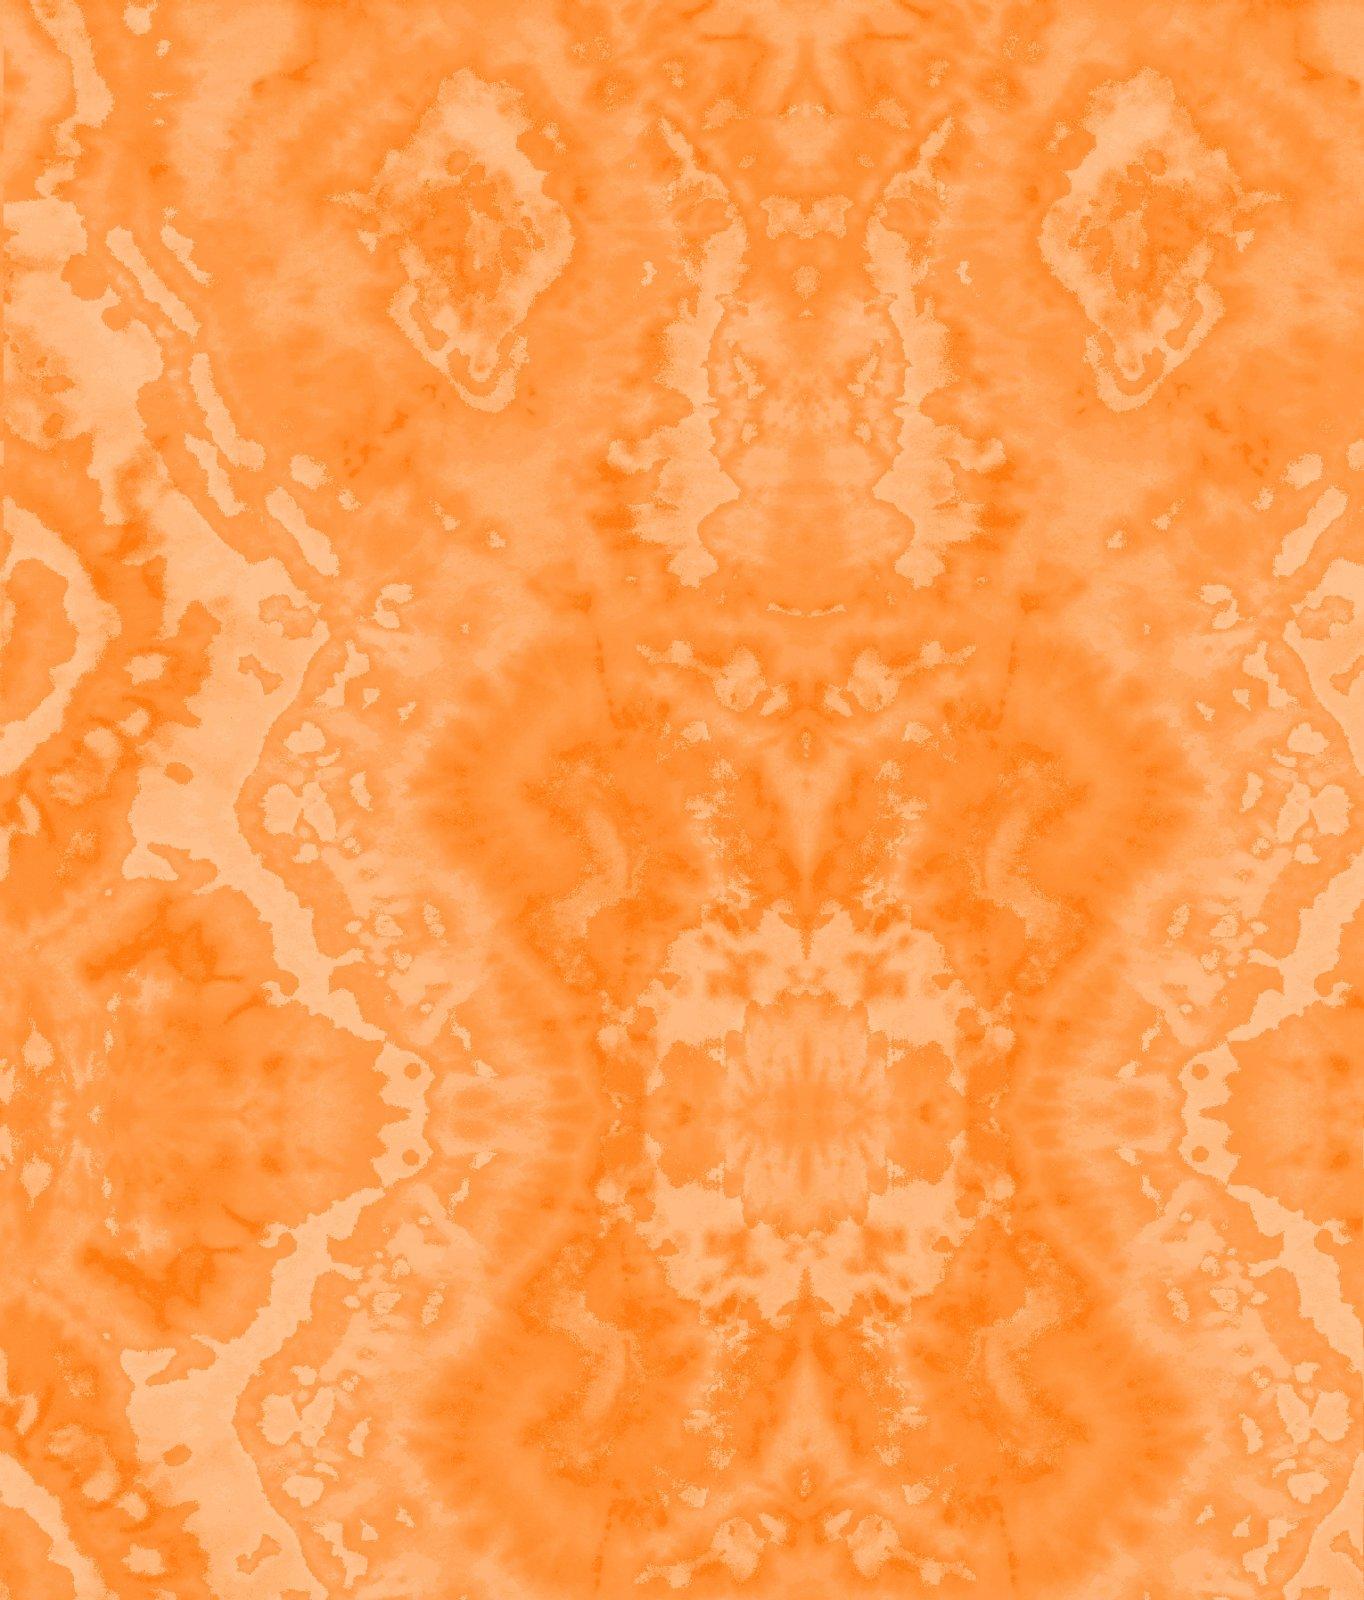 AE-Comfy Flannel Print 9419-333 Orange Blender Flannel